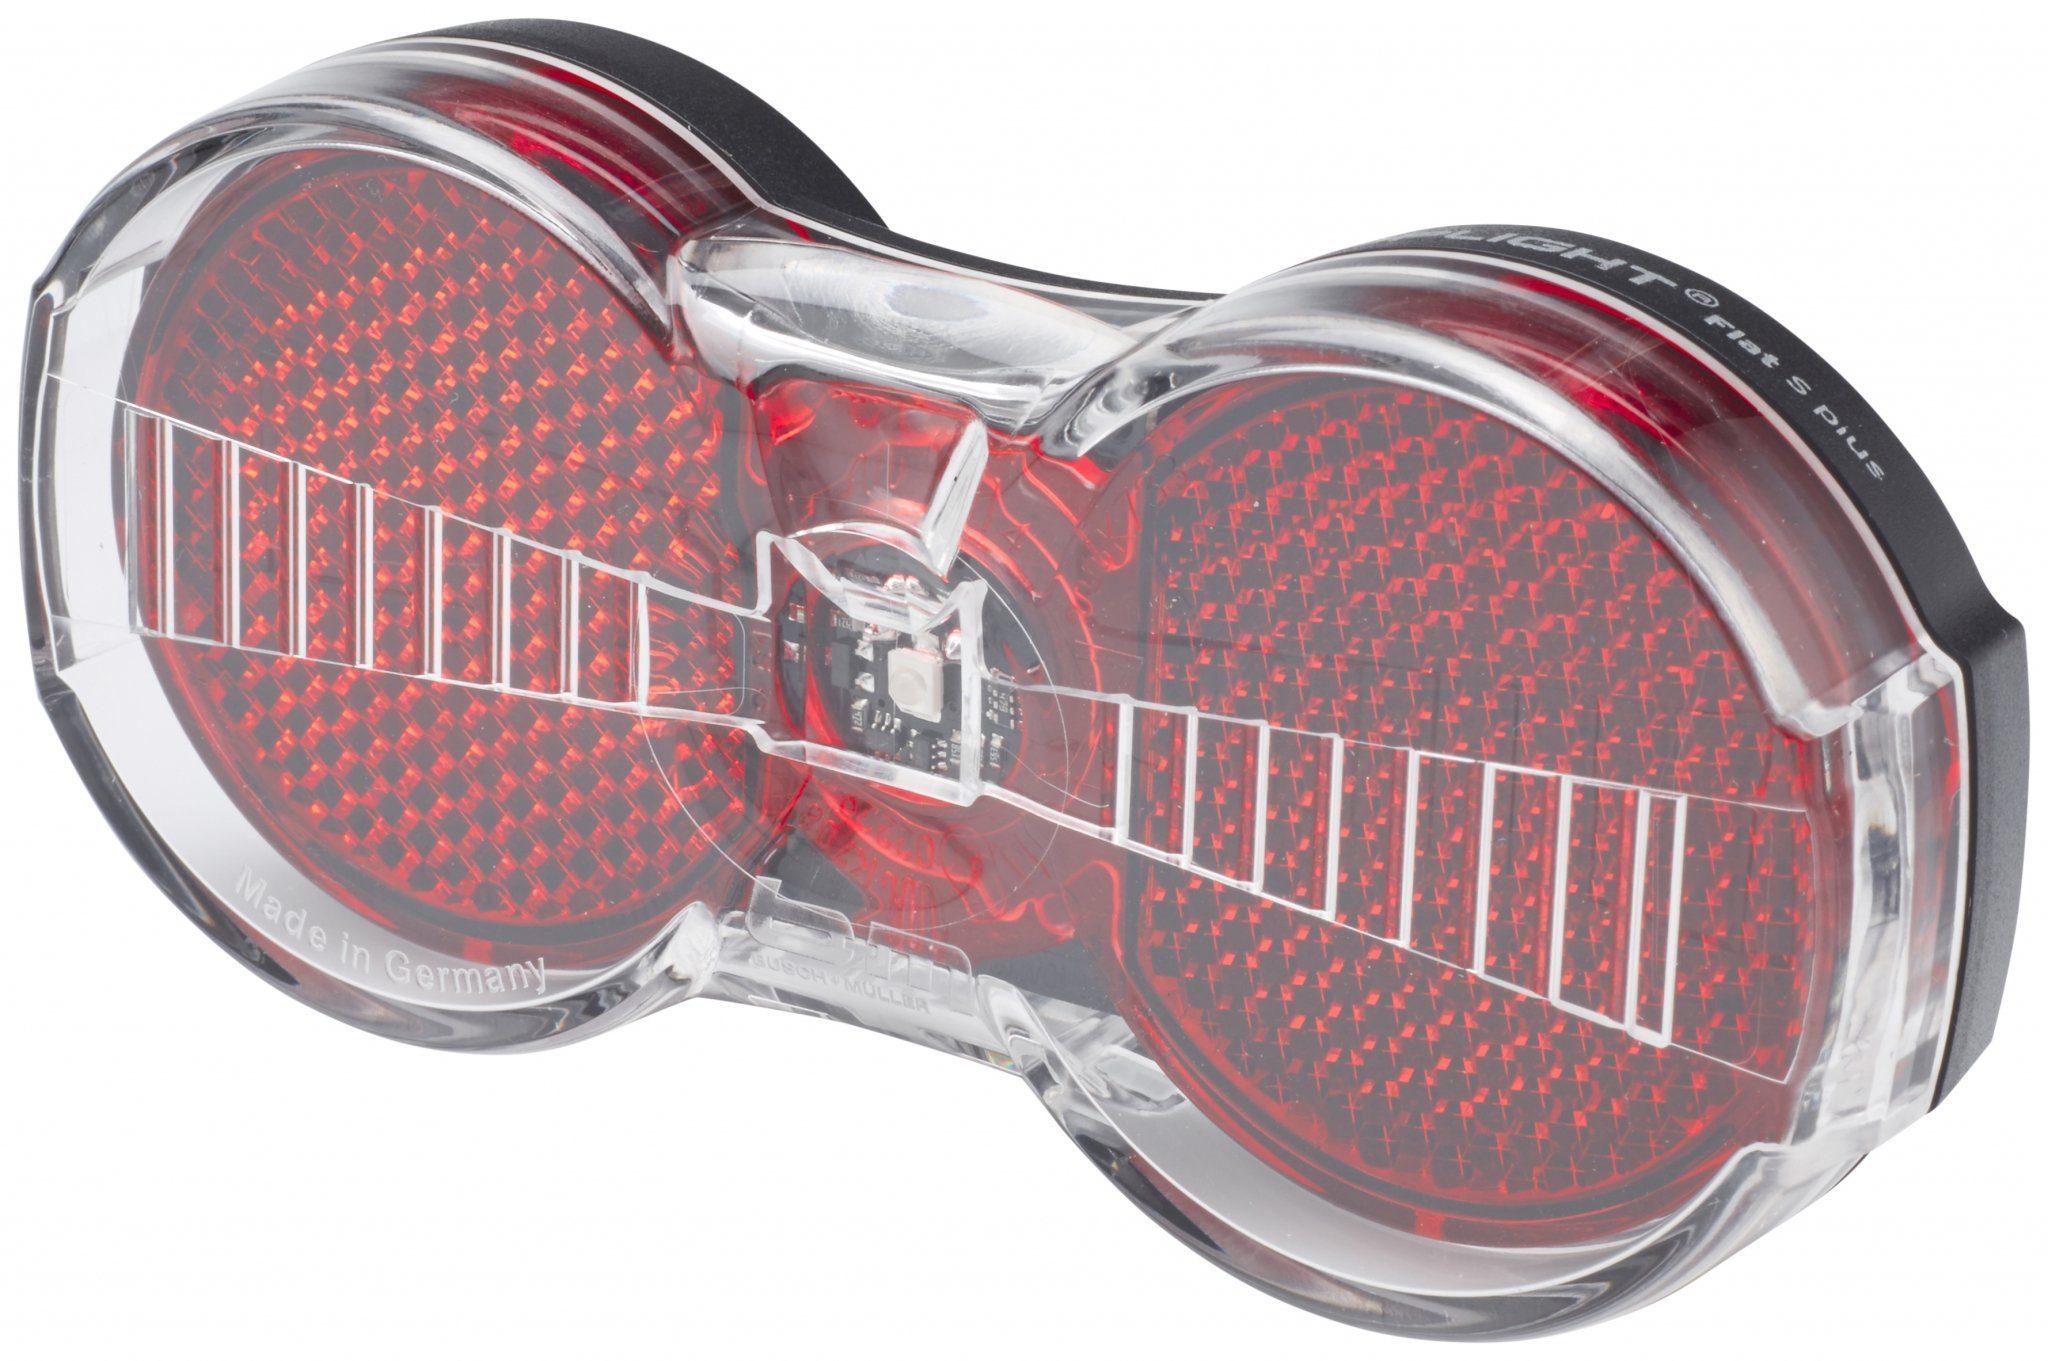 Busch + Müller Fahrradbeleuchtung »Toplight Flat S plus Dynamo-Rücklicht«